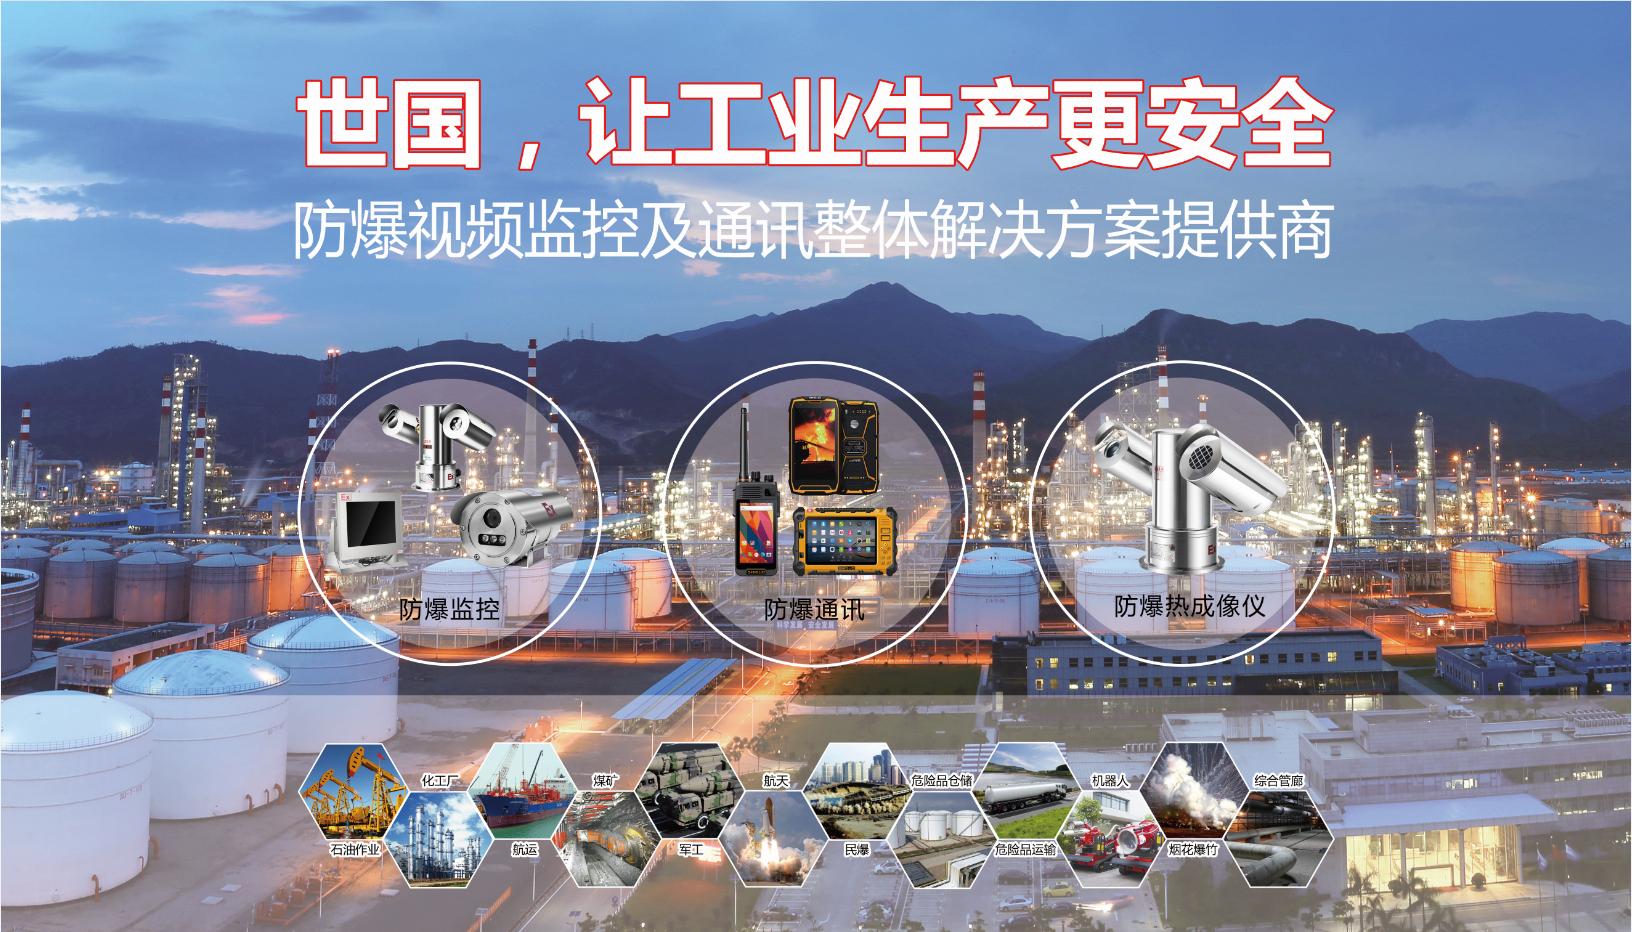 世国科技防爆监控专家,专注防爆监控领域,亚洲城,防爆摄像头, 车载亚洲城,防爆红外热像仪, 防爆护罩等